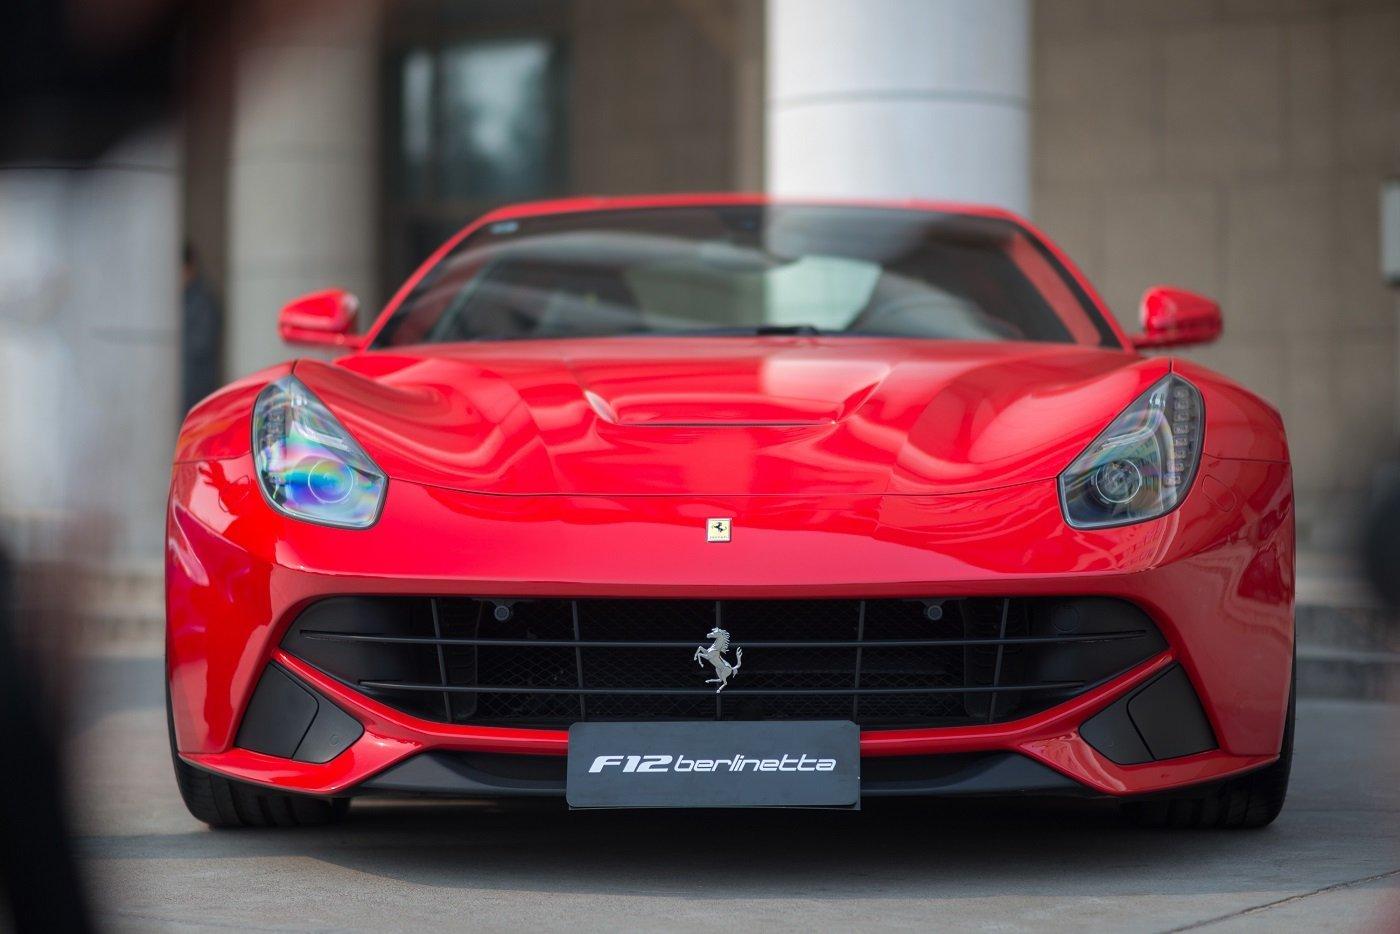 noleggio Ferrari rossa